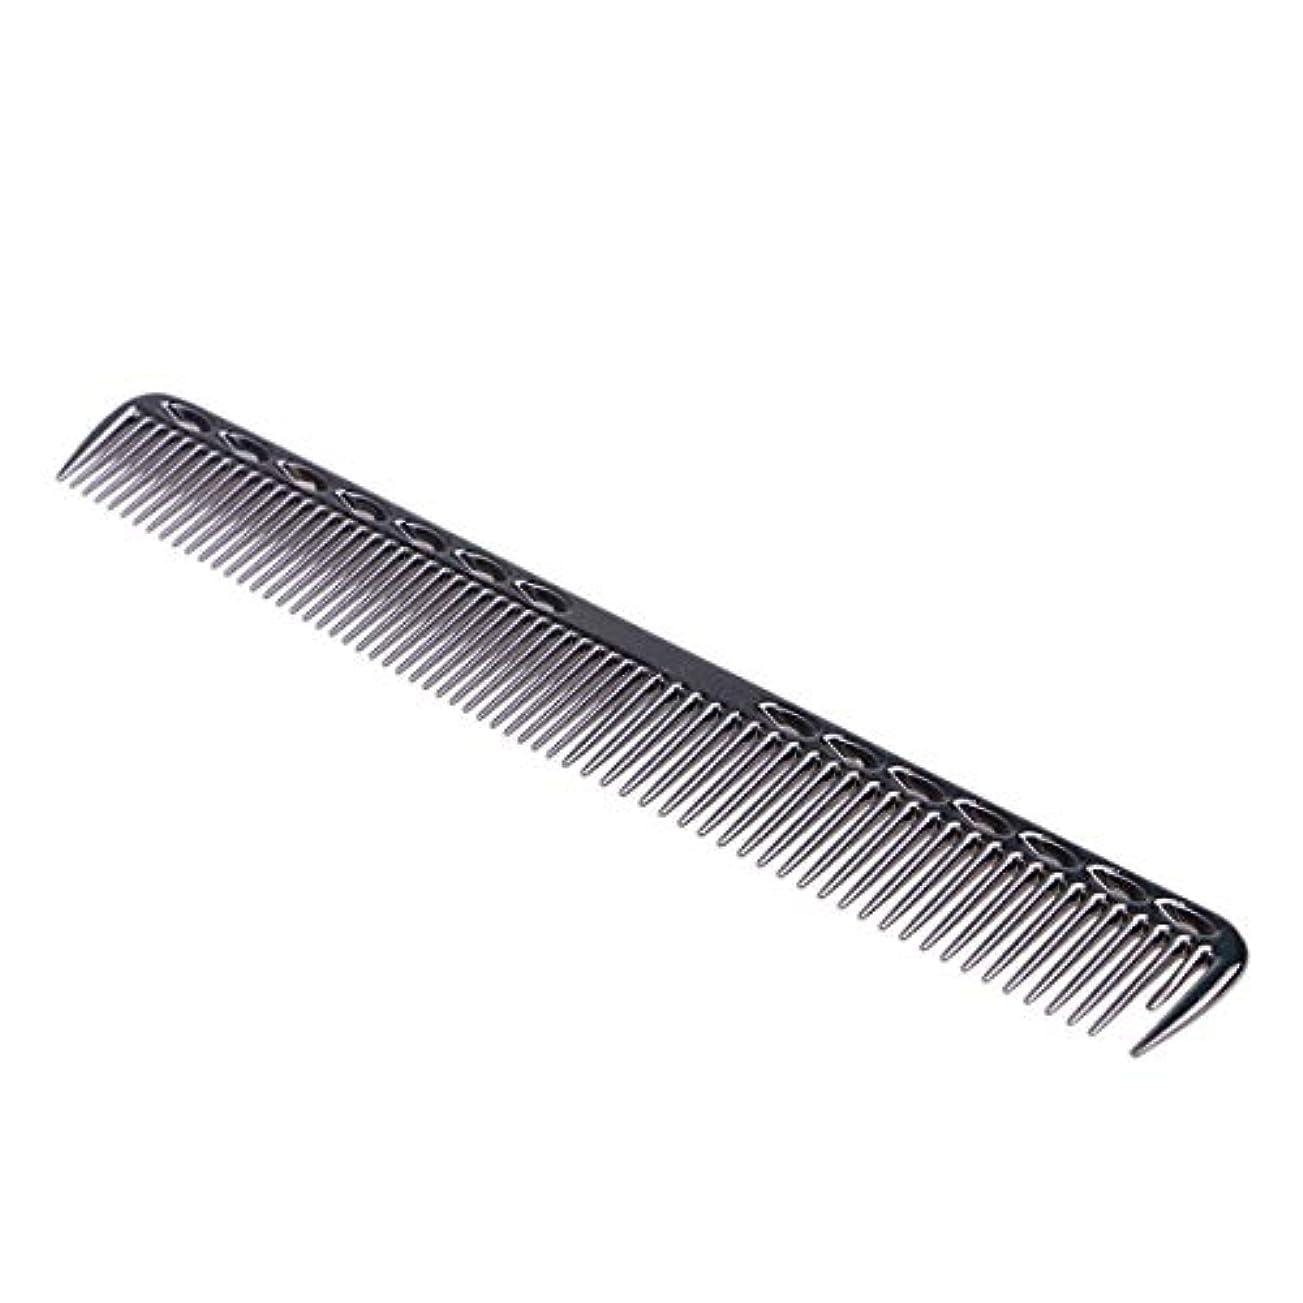 契約した下手脚本SUPVOX プロ用 髪切櫛 静電気防止 アルミ歯 美容師用 ヘアスタイリングツール